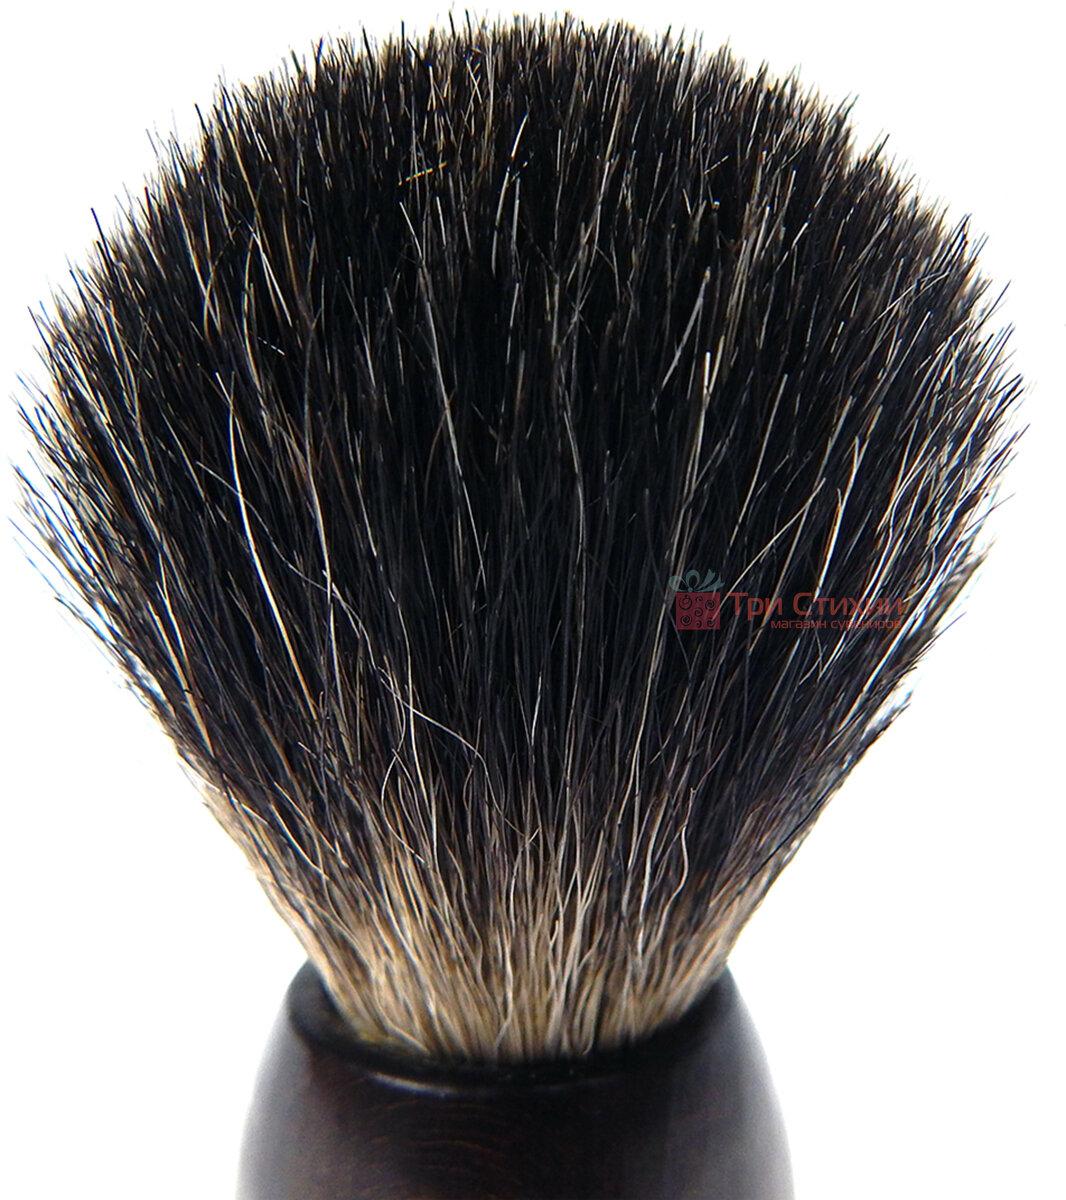 Помазок барсук для бритья Hans Baier 51051 Коричневый, фото 2